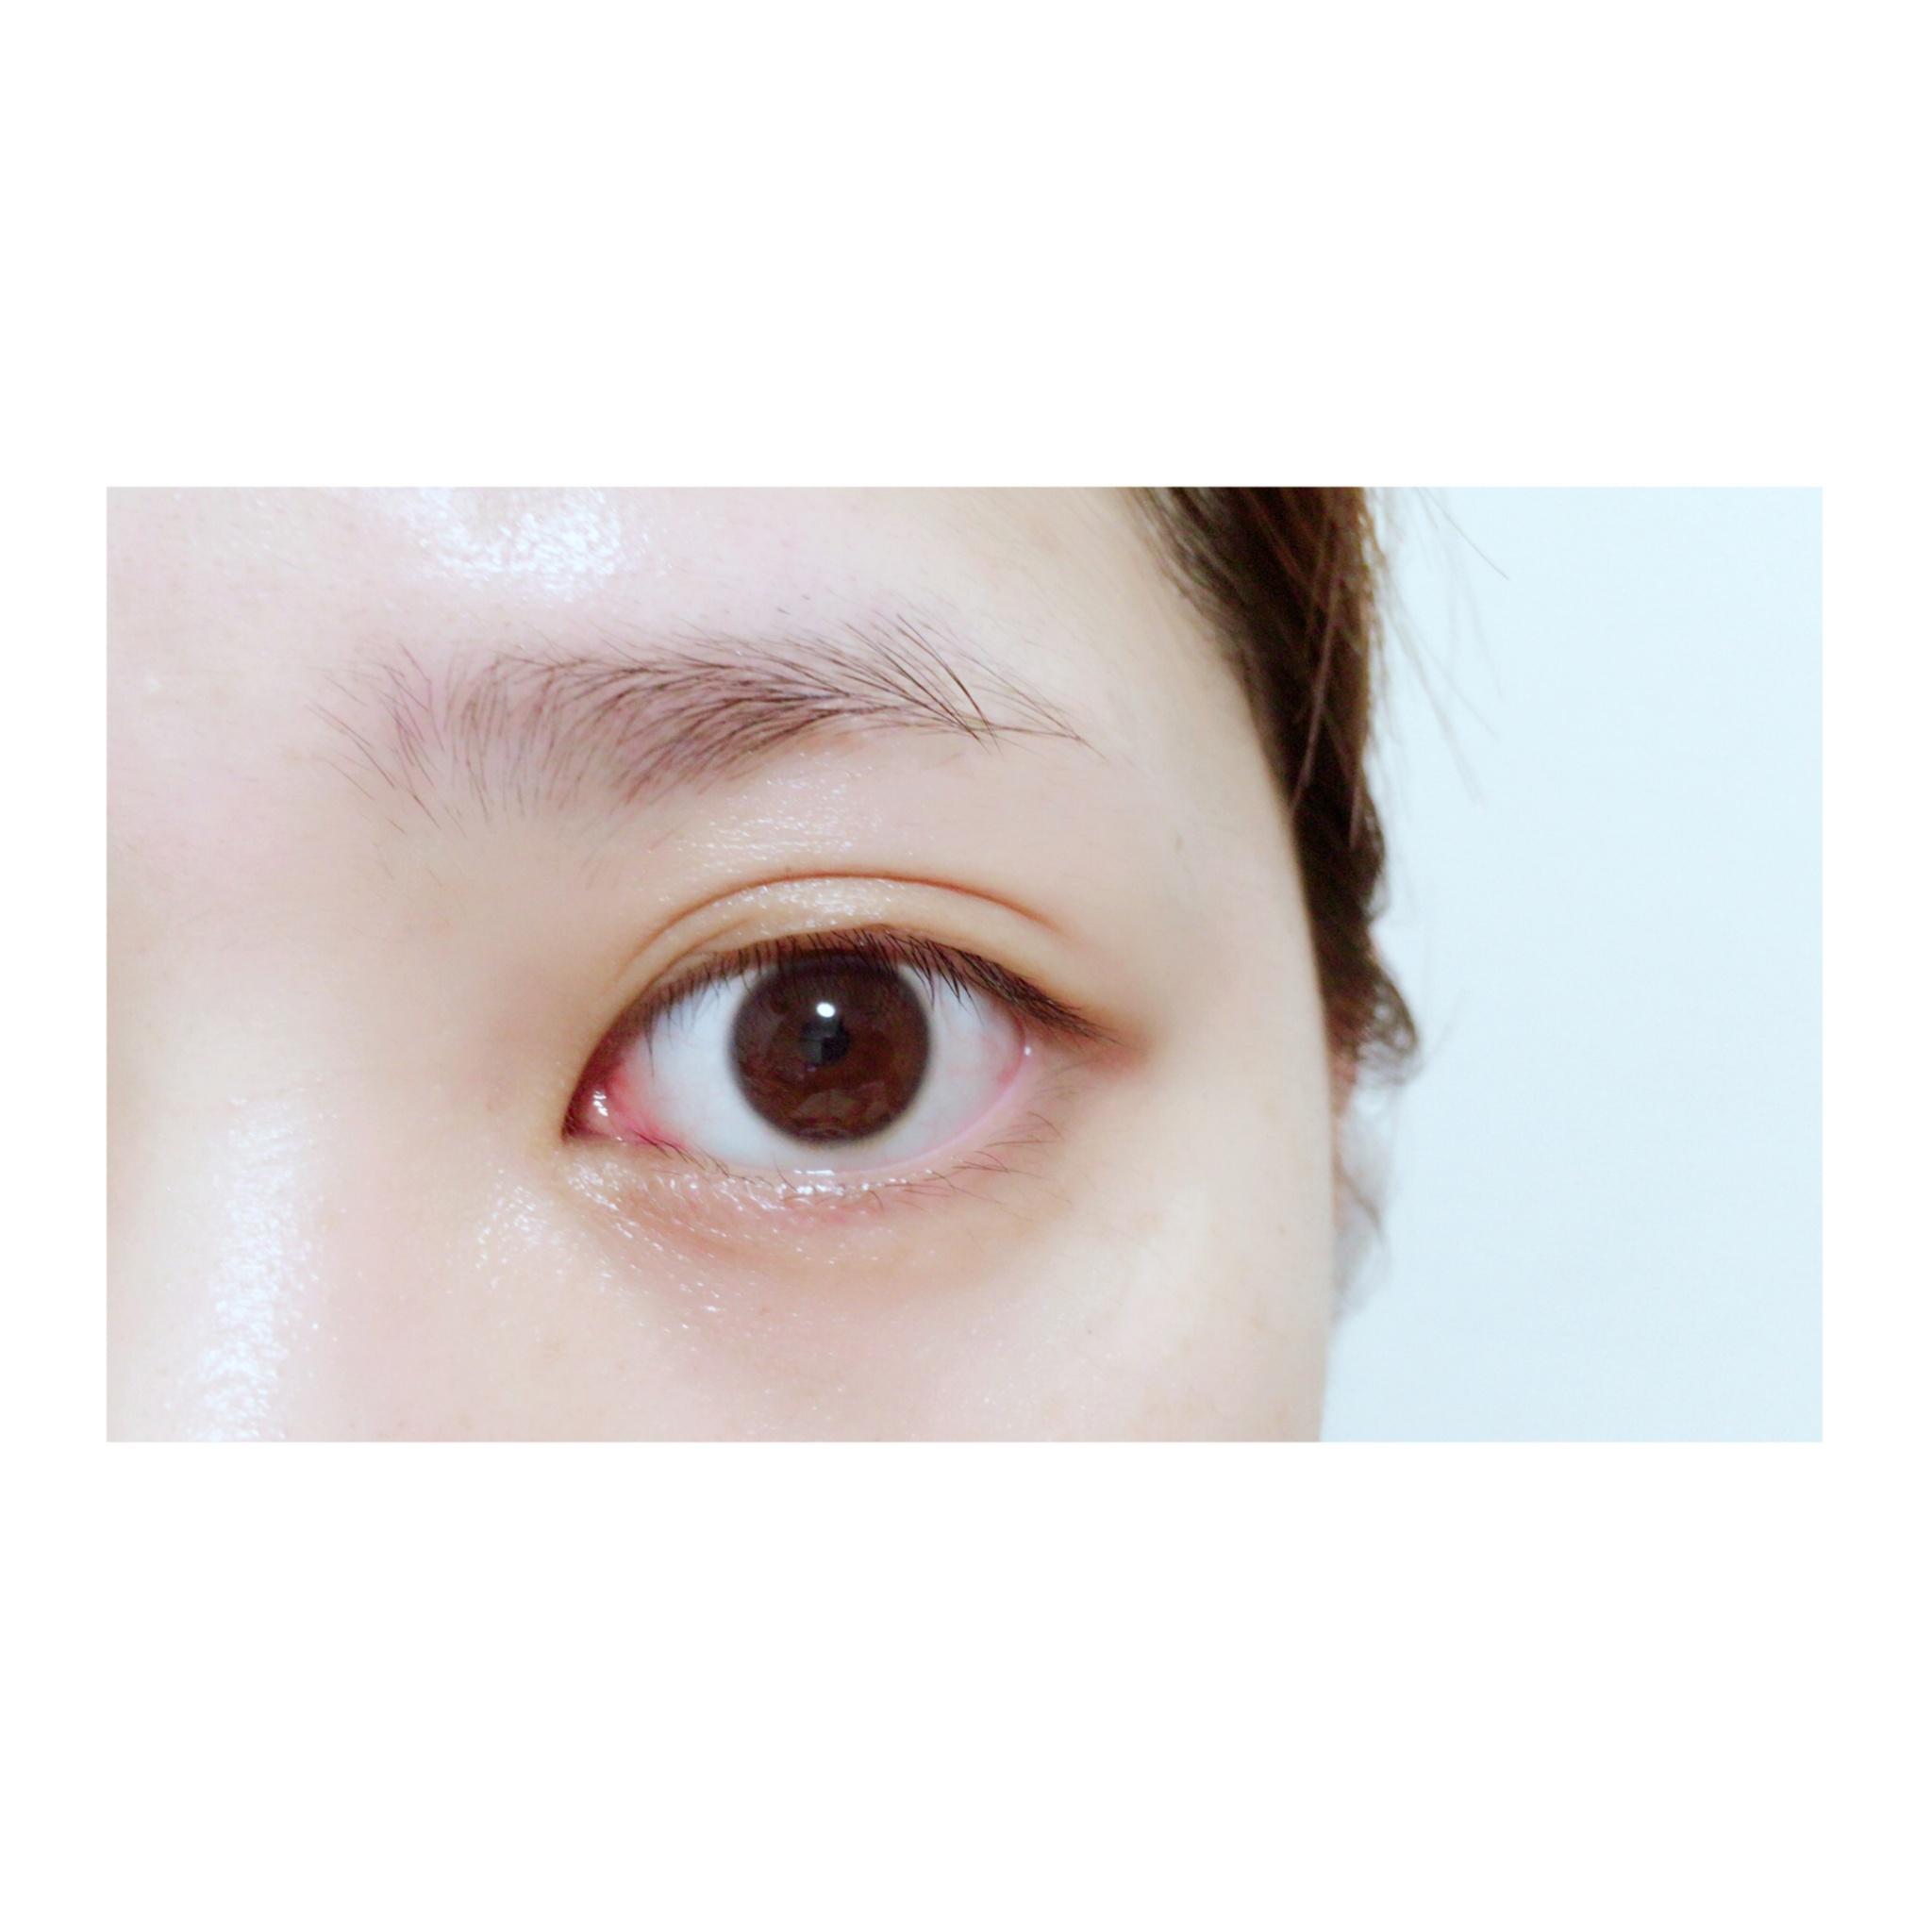 ◎オフィスでも大丈夫♩ナチュラルだけど瞳を大きく見せてくれる大人のサークルレンズ♡ワンデーアキュビューディファインの新色レポ_2